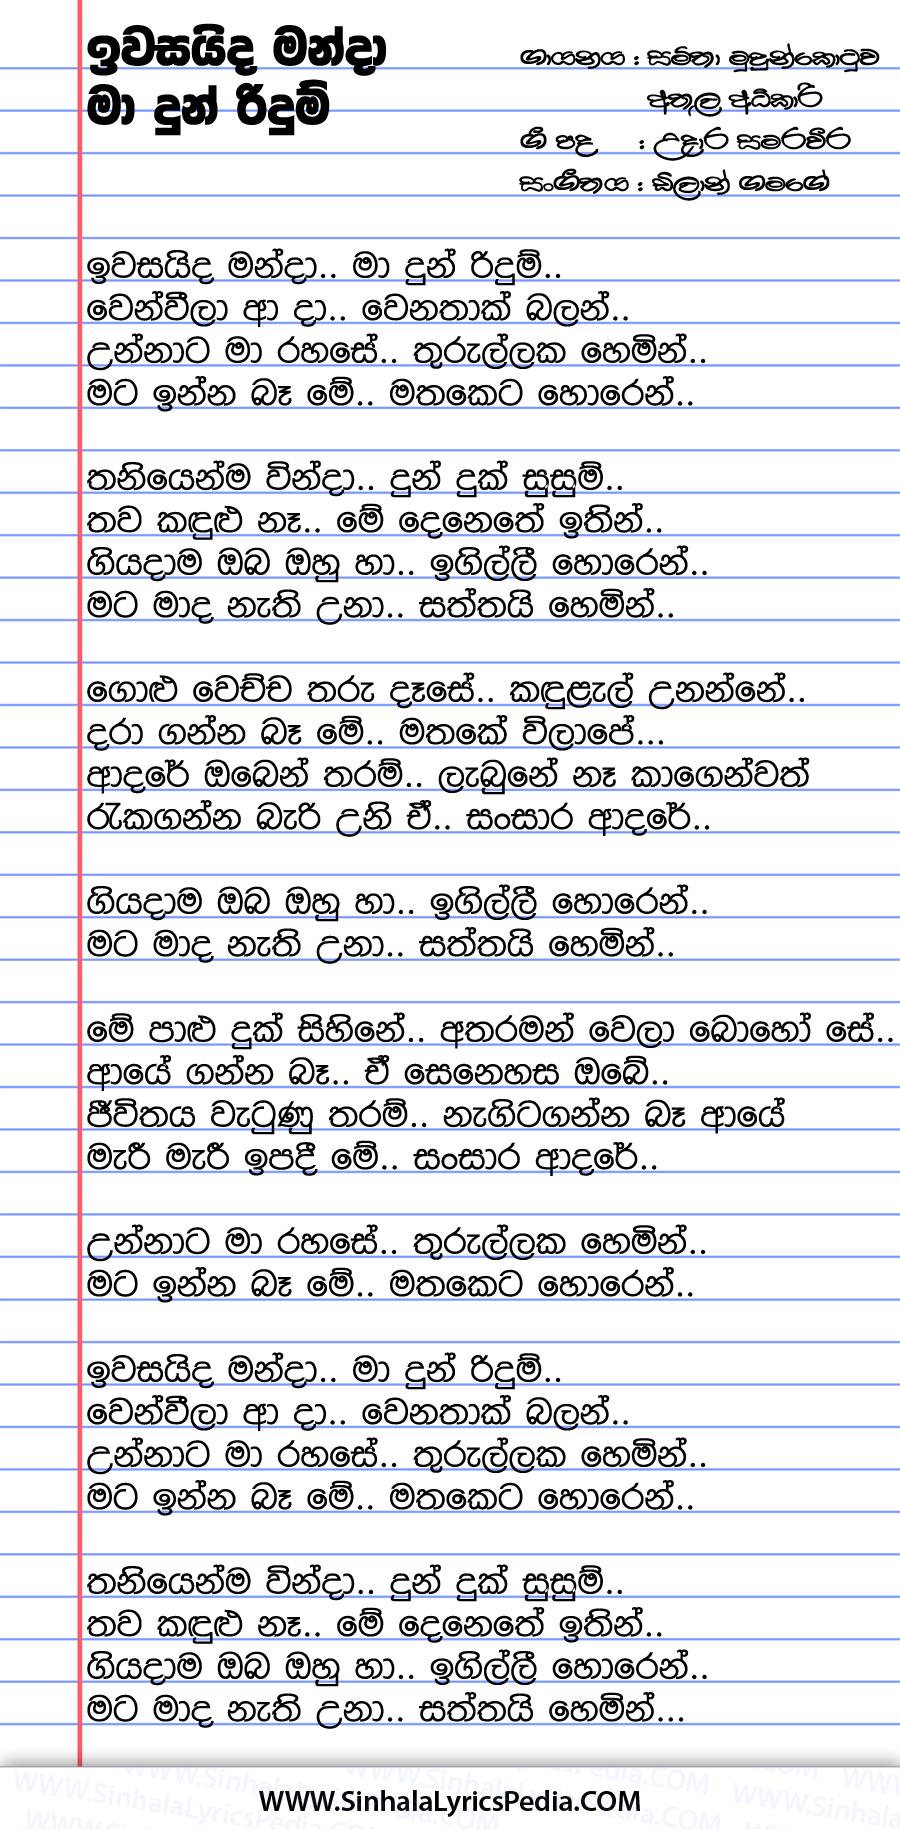 Iwasaida Manda Ma Dun Ridum Song Lyrics